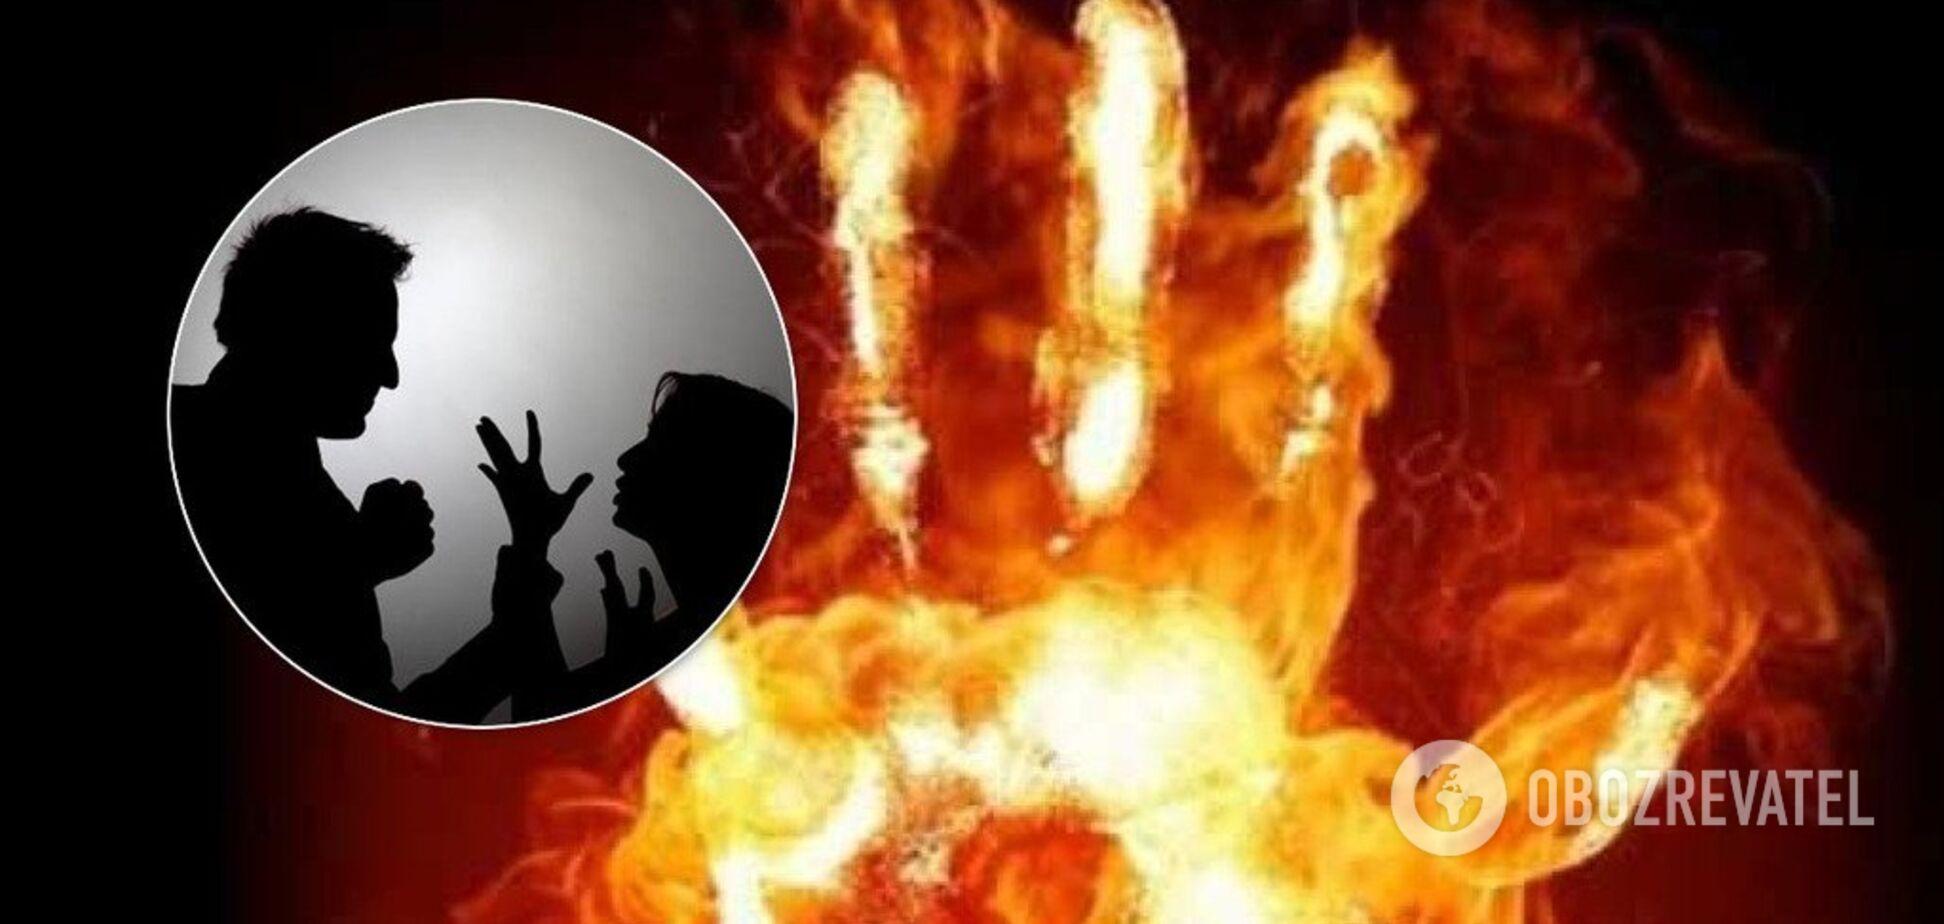 Чоловік спалив себе через сварку з дружиною